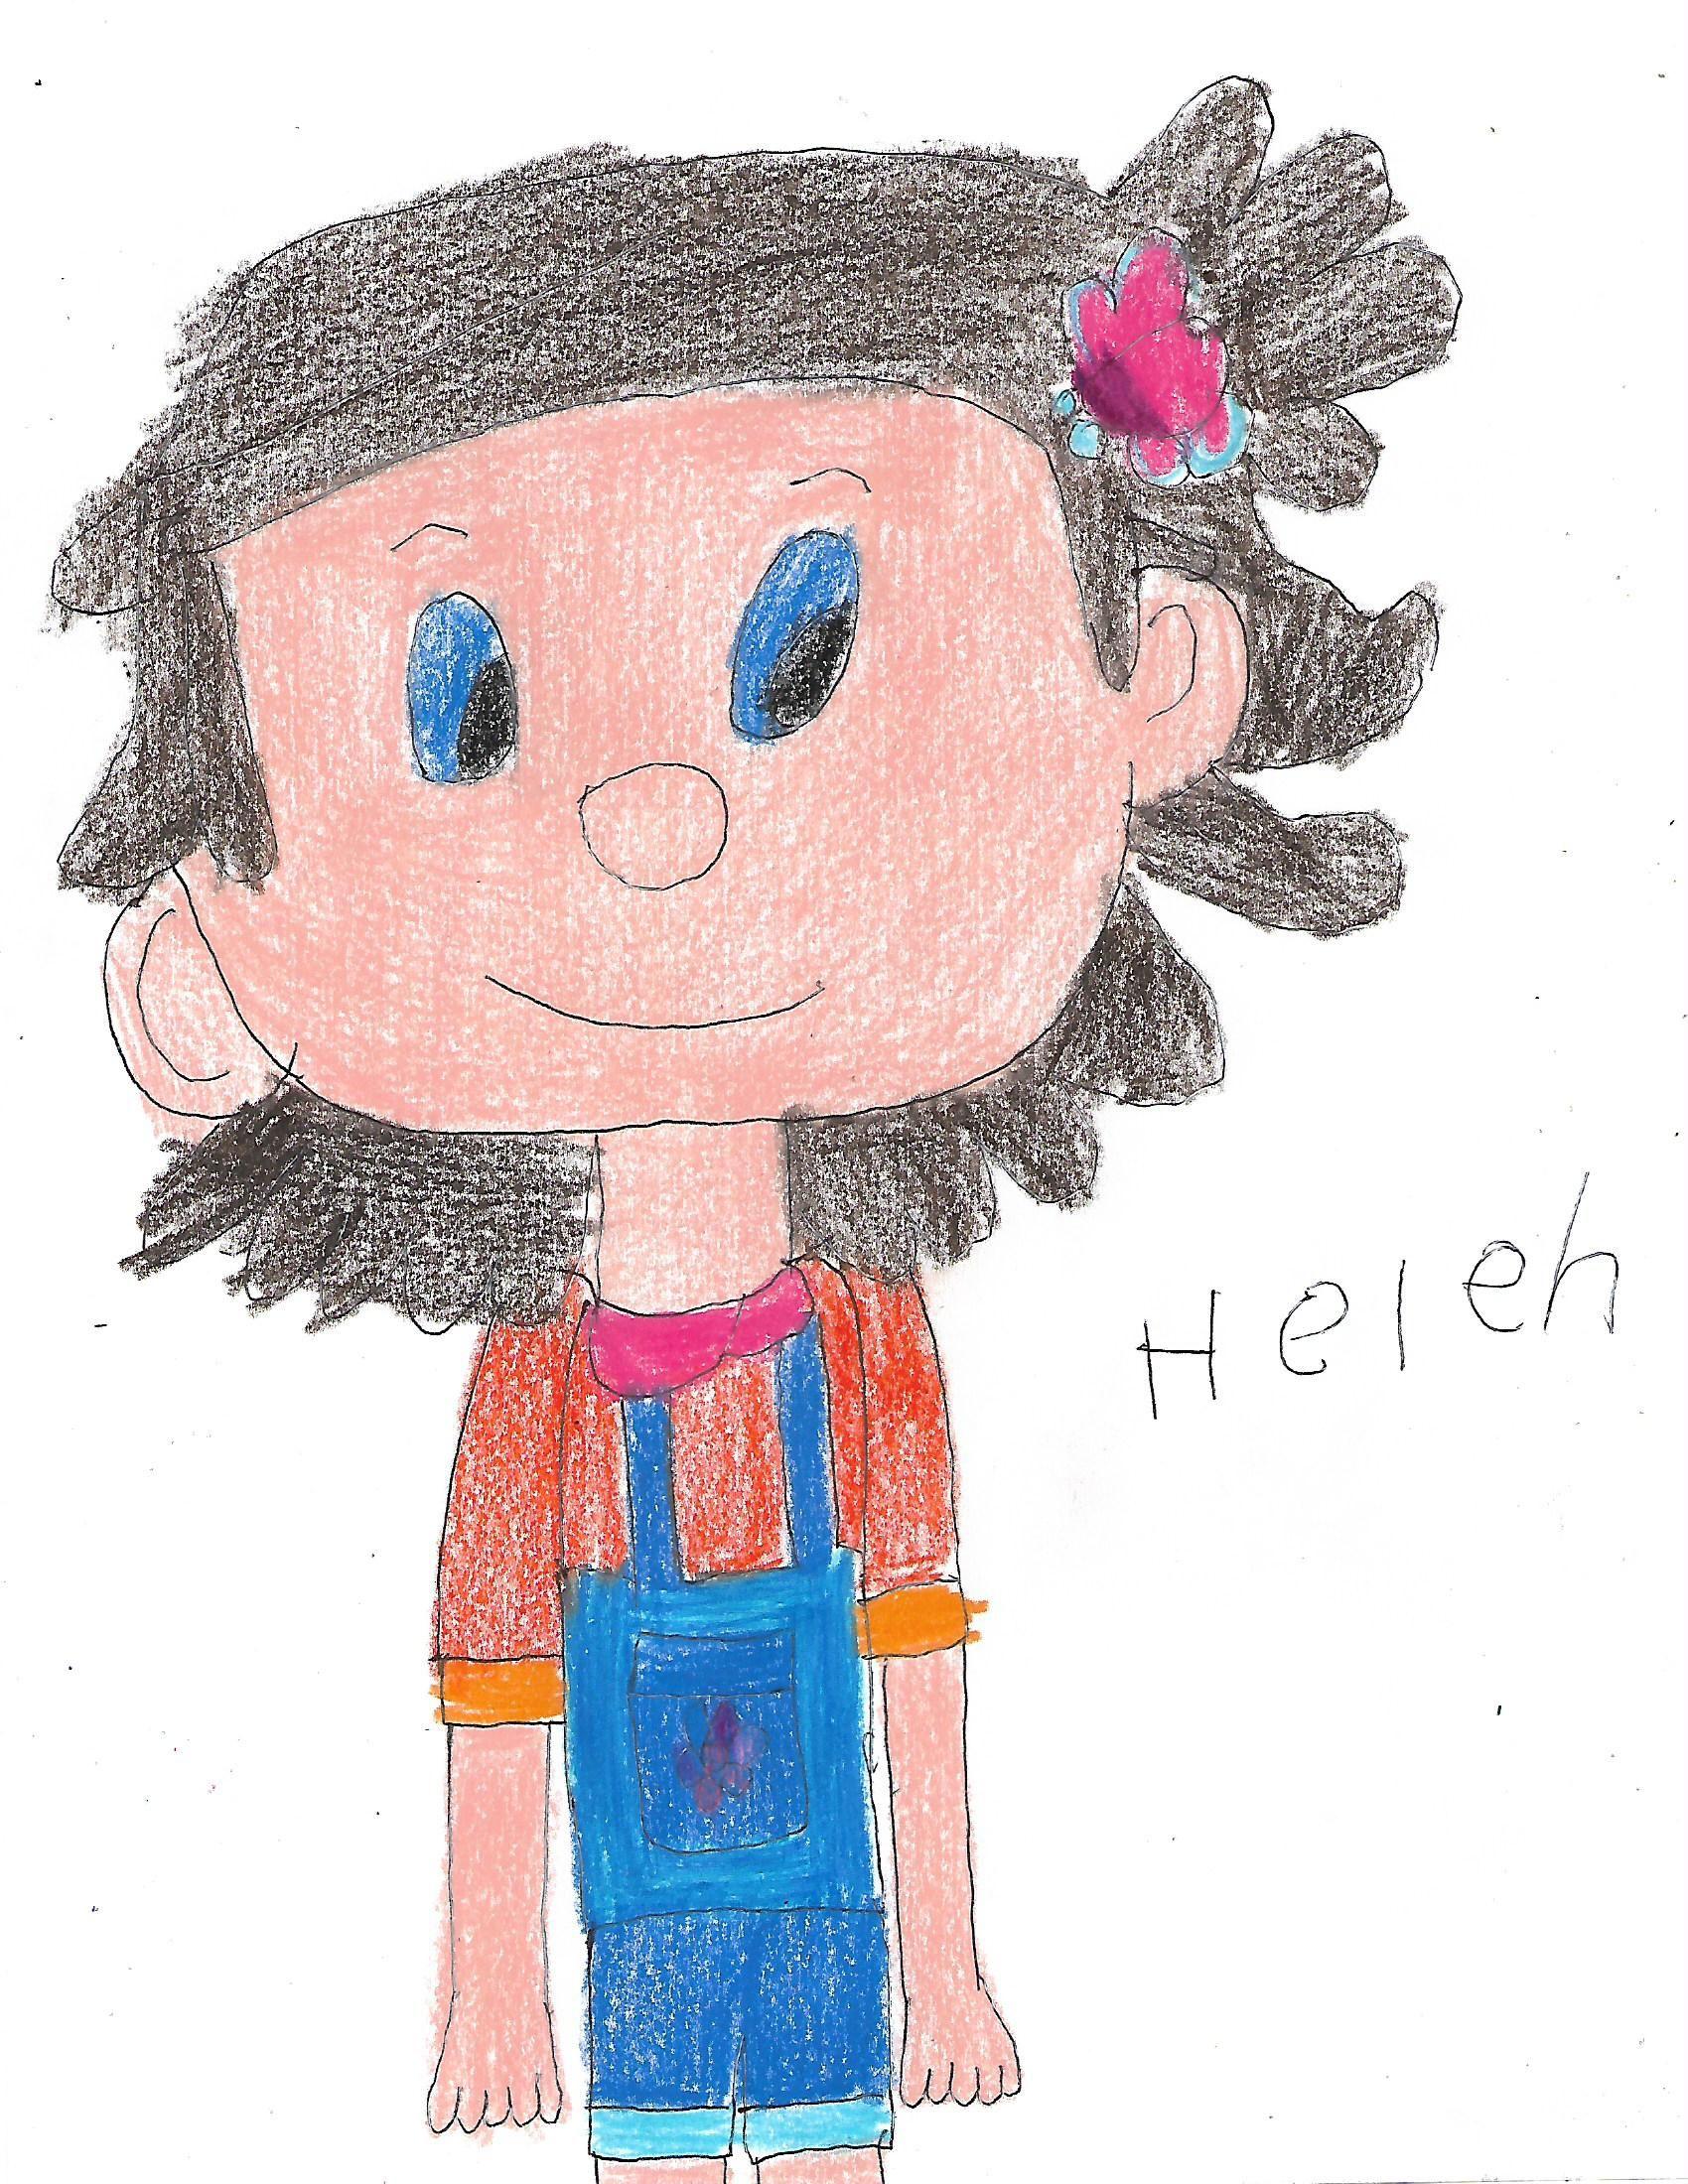 Escuela Helen Escuela JuguetesY De Helen rdeBCxQoW